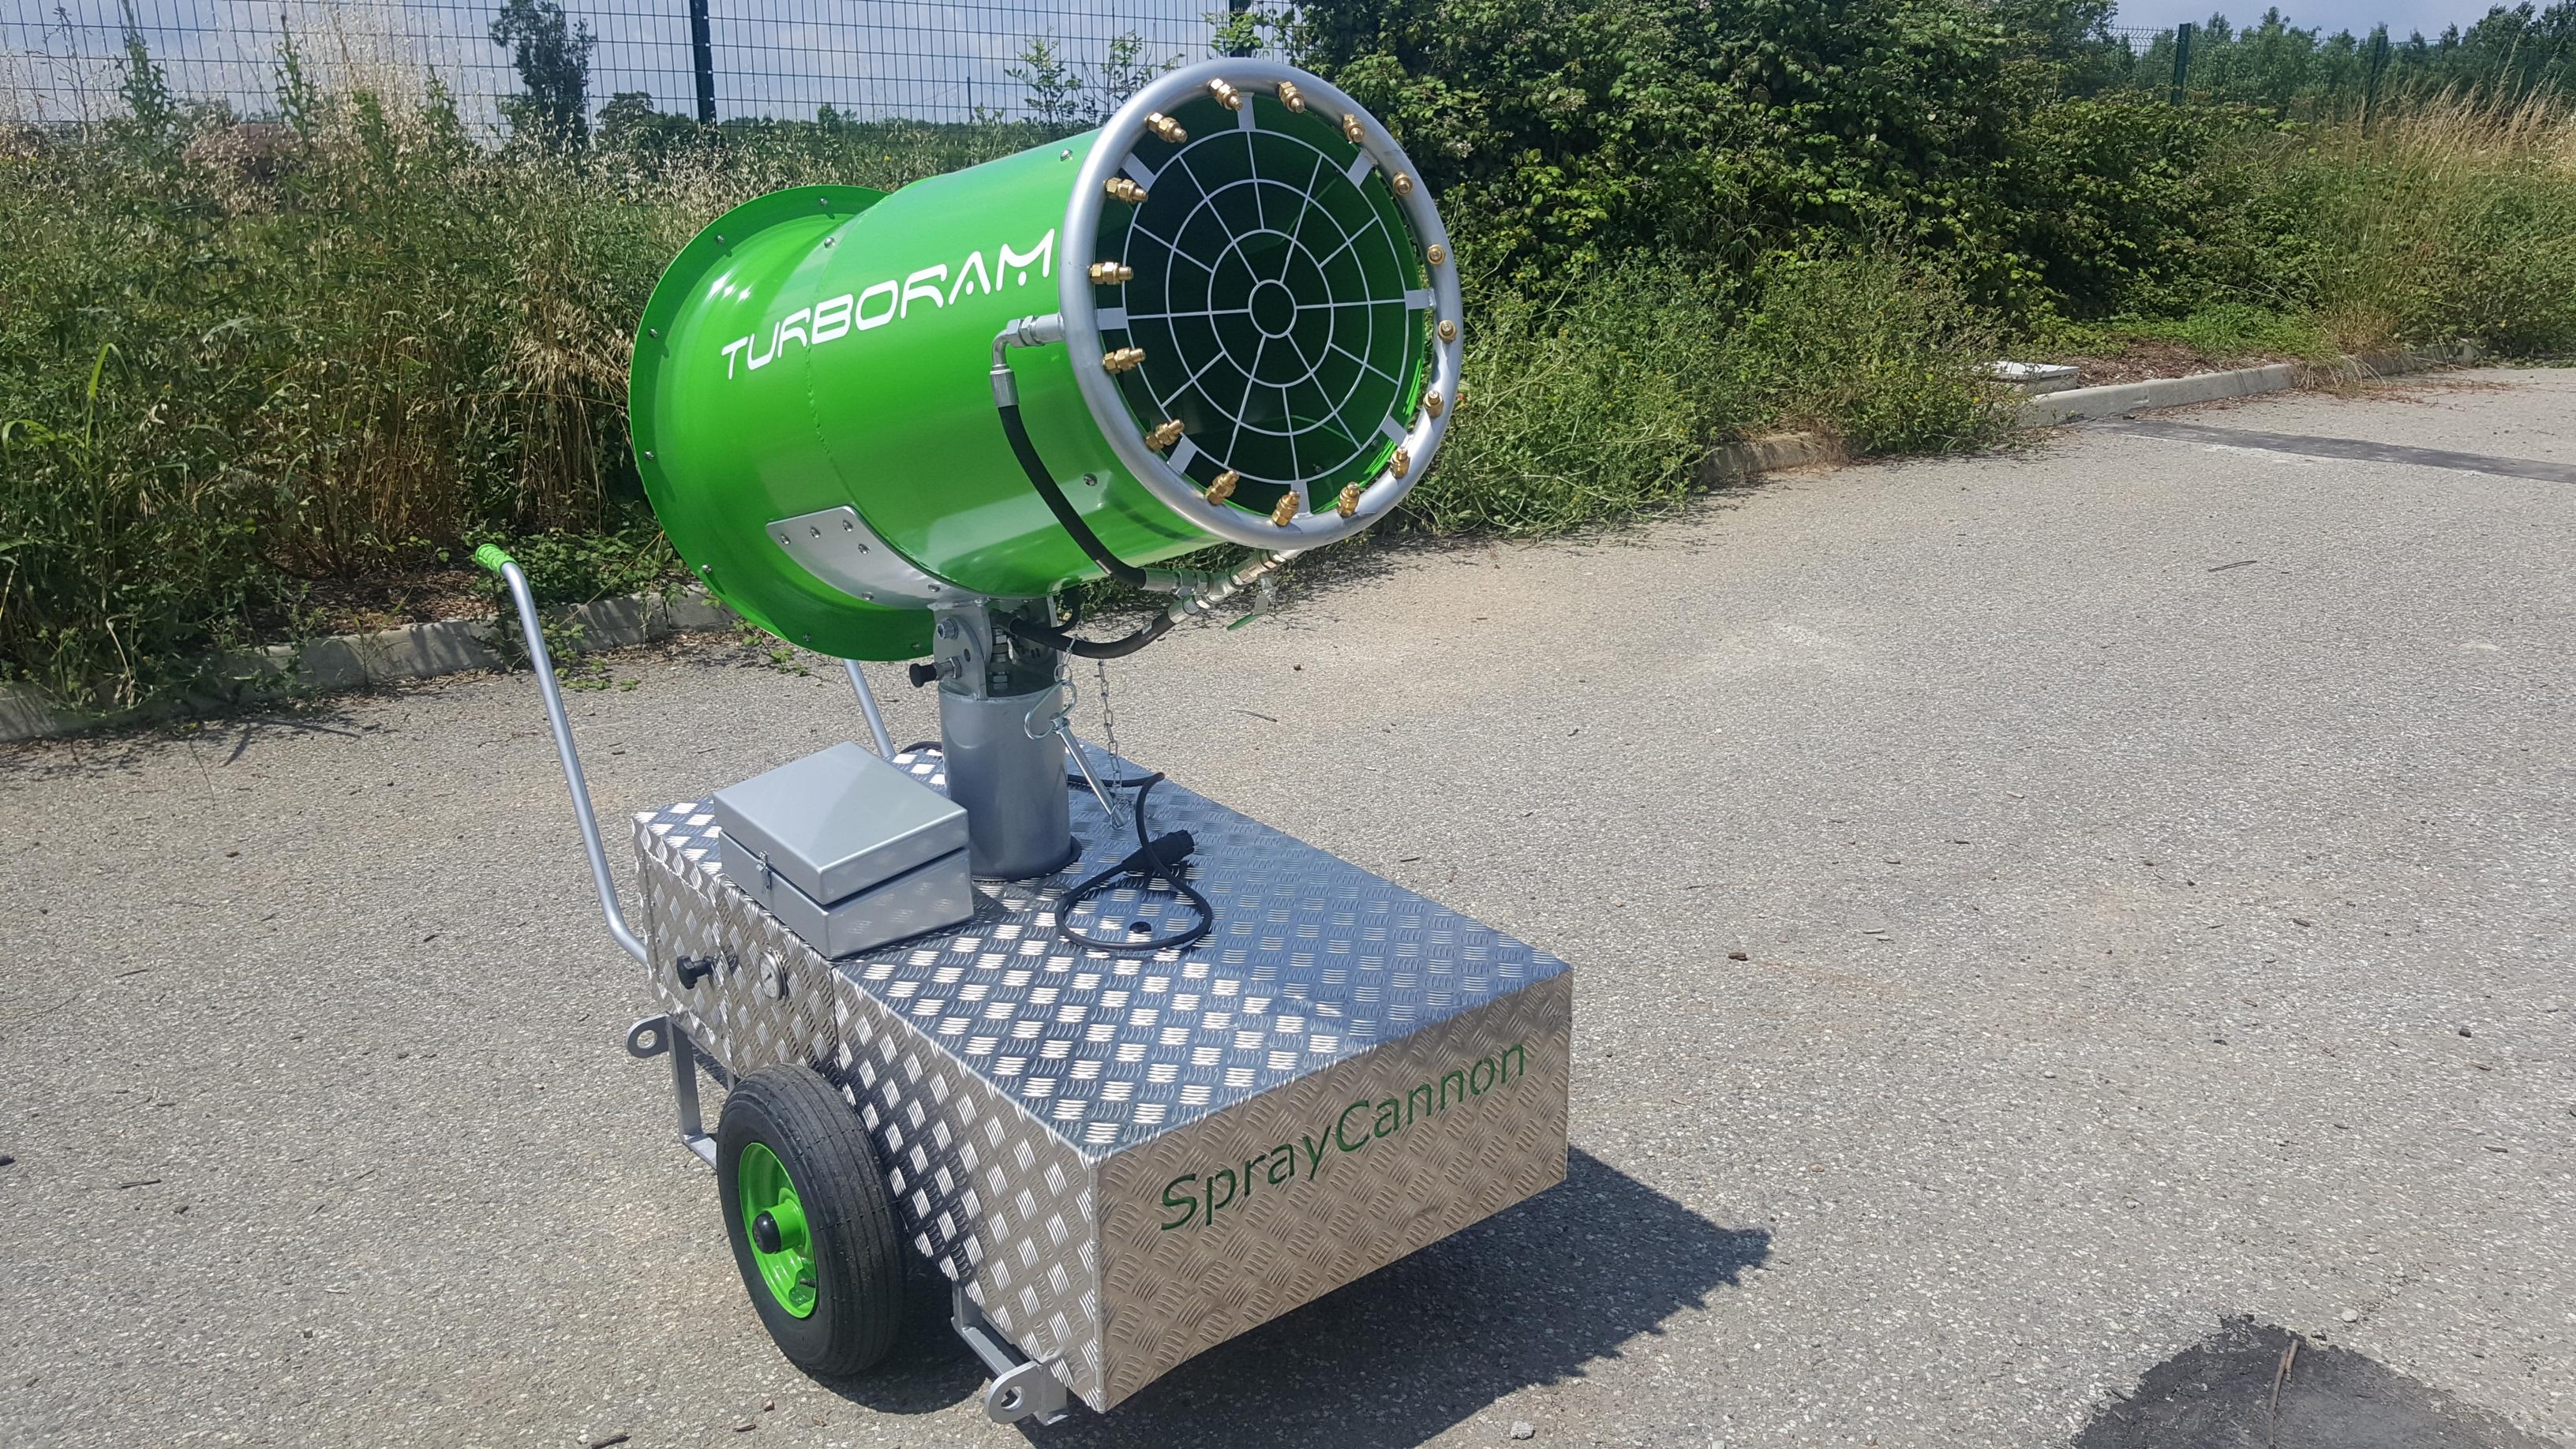 Le TURBORAM TRD35 est un brumisateur de moyenne portée principalement destiné aux travaux de démolition, de dépollution, du BTP, et aux activités de recyclage. Mobile